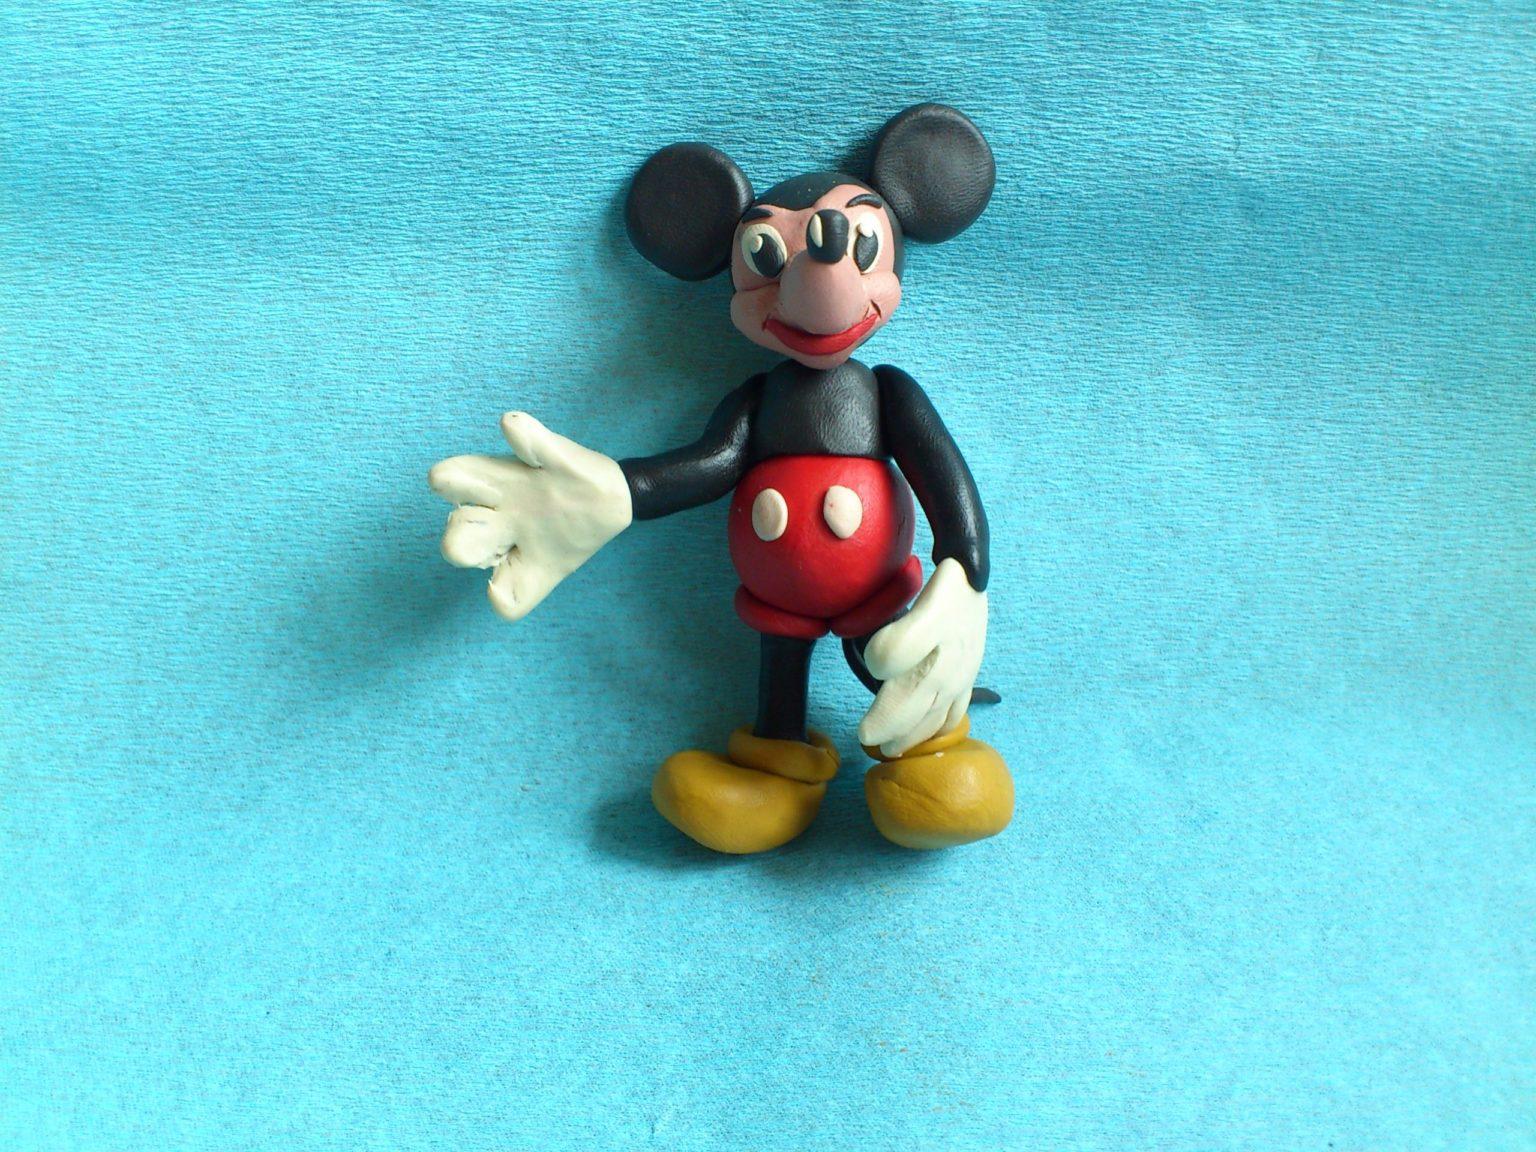 Фигурка пластилинового Микки Мауса